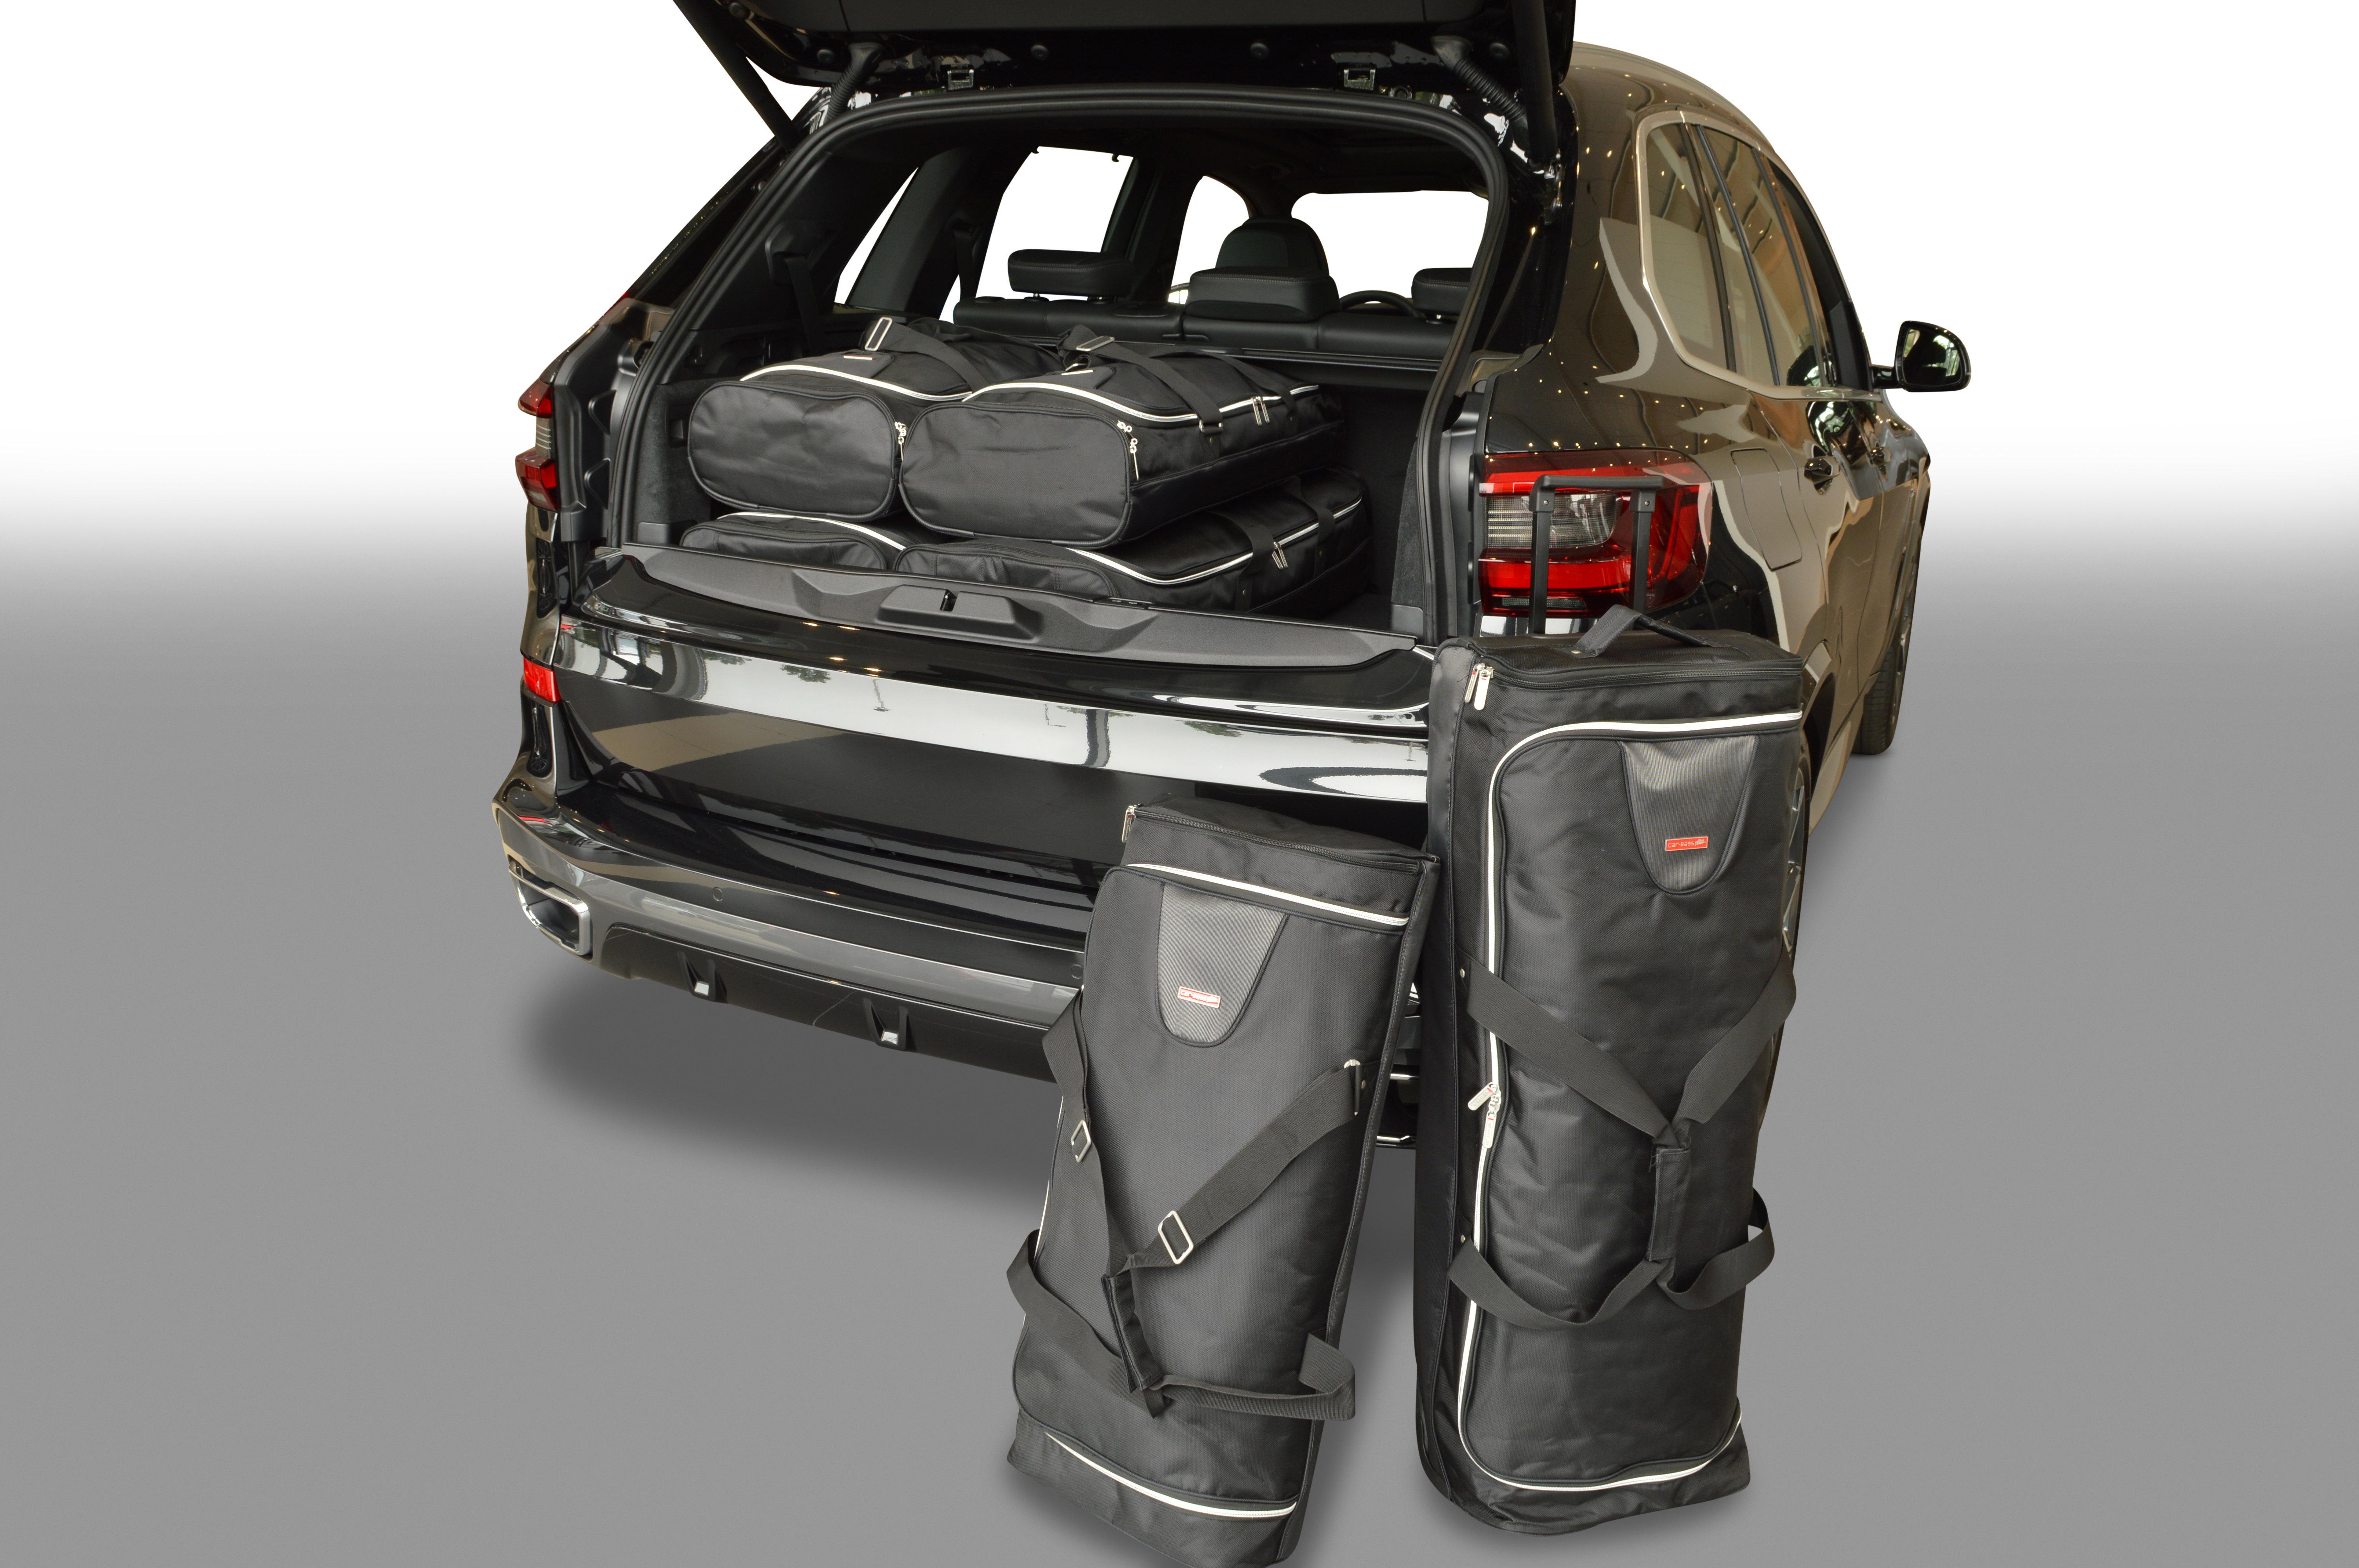 Tassenset Carbags voor BMW X5  Plug-in-Hybrid (G05) SUV vanaf 2019